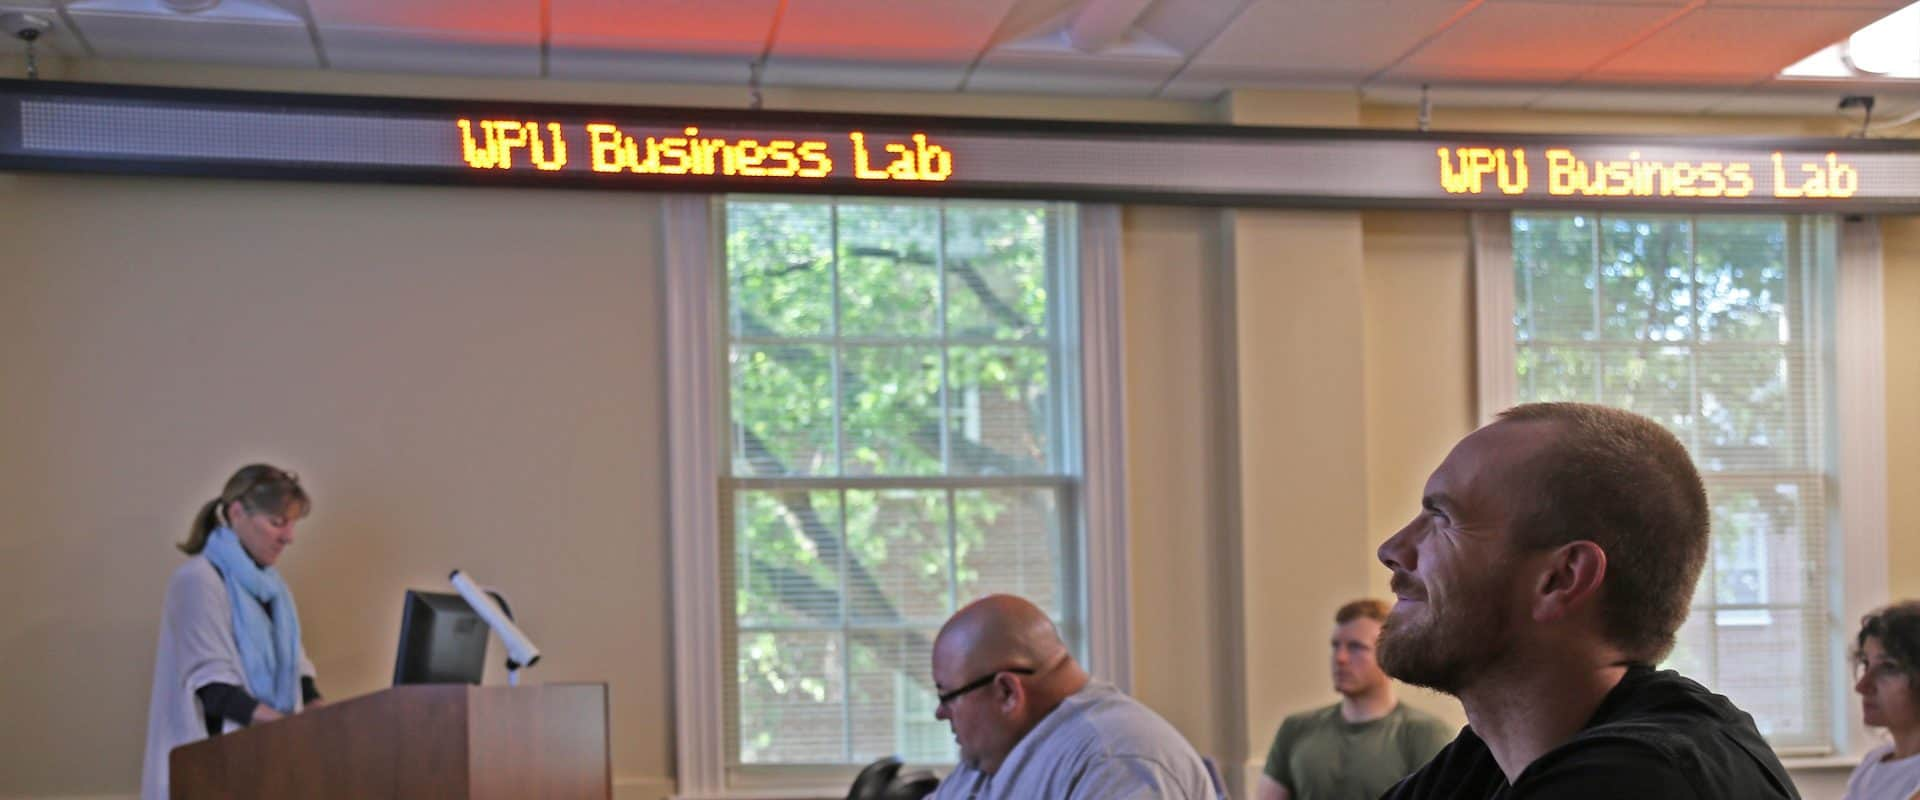 Study Business at WPU